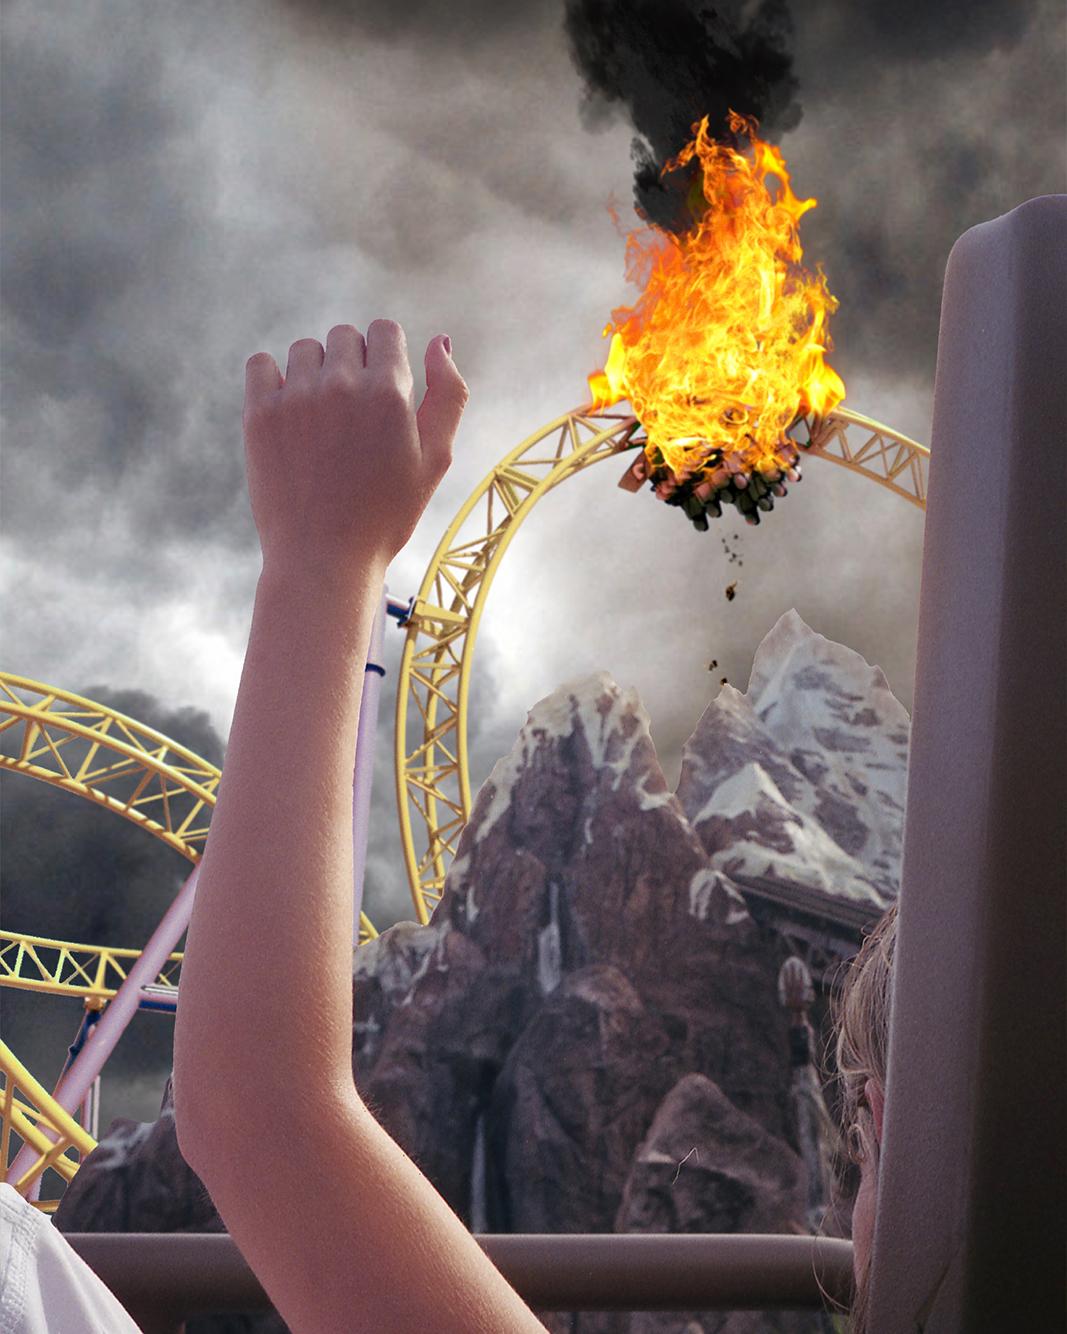 roller coaster fire-sml.jpg